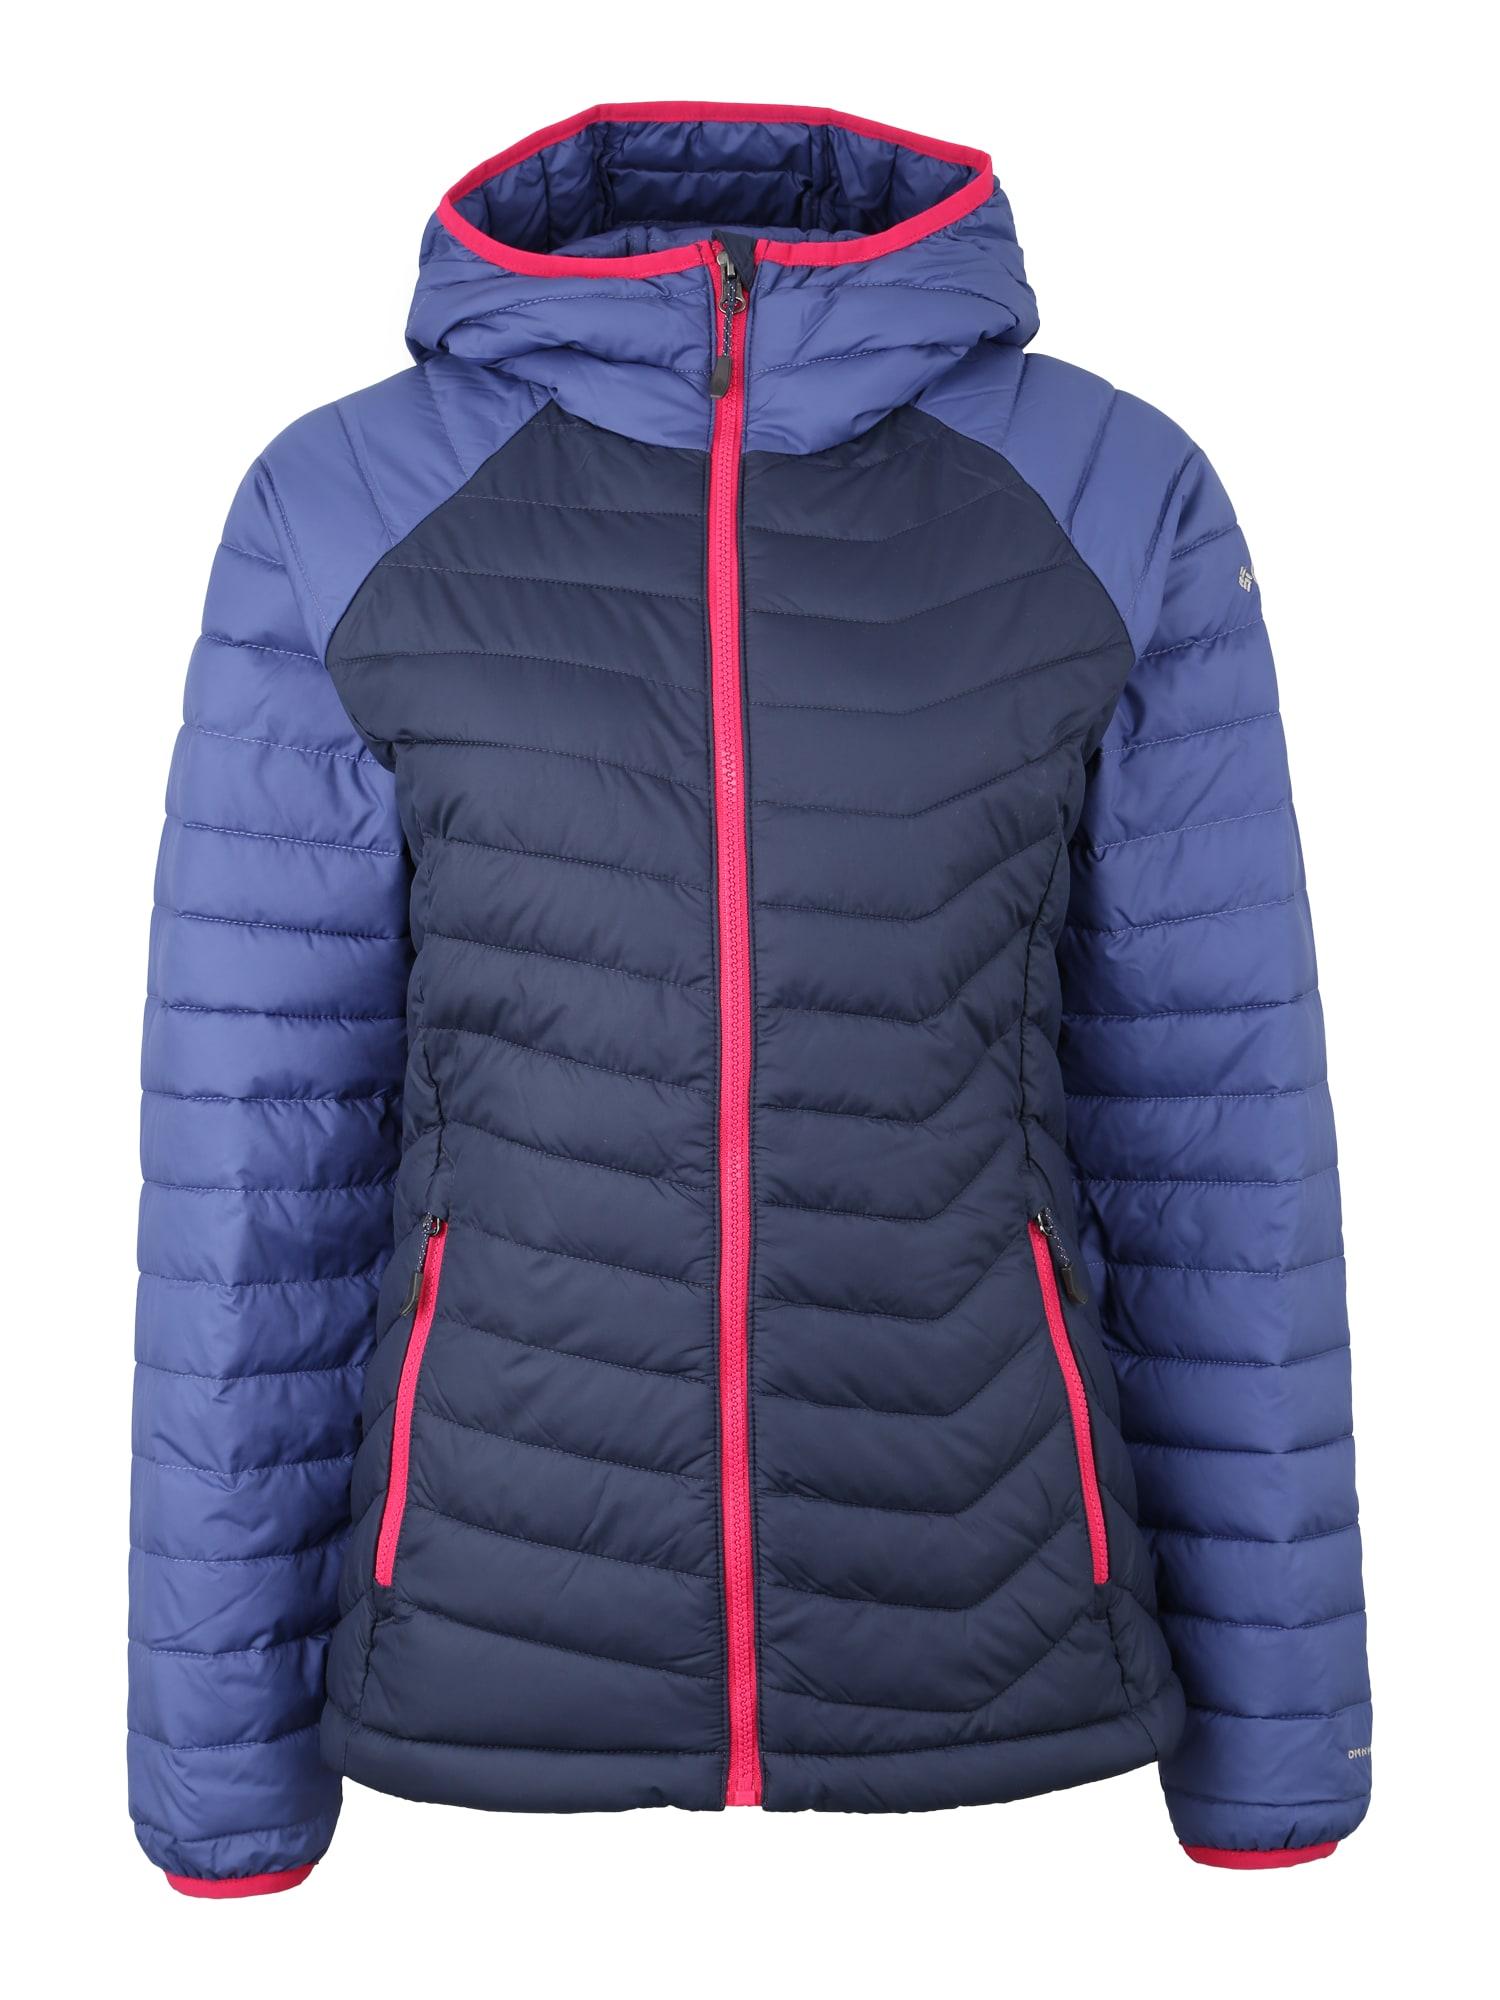 Outdoorová bunda Powder Lite modrá tmavě modrá červená COLUMBIA